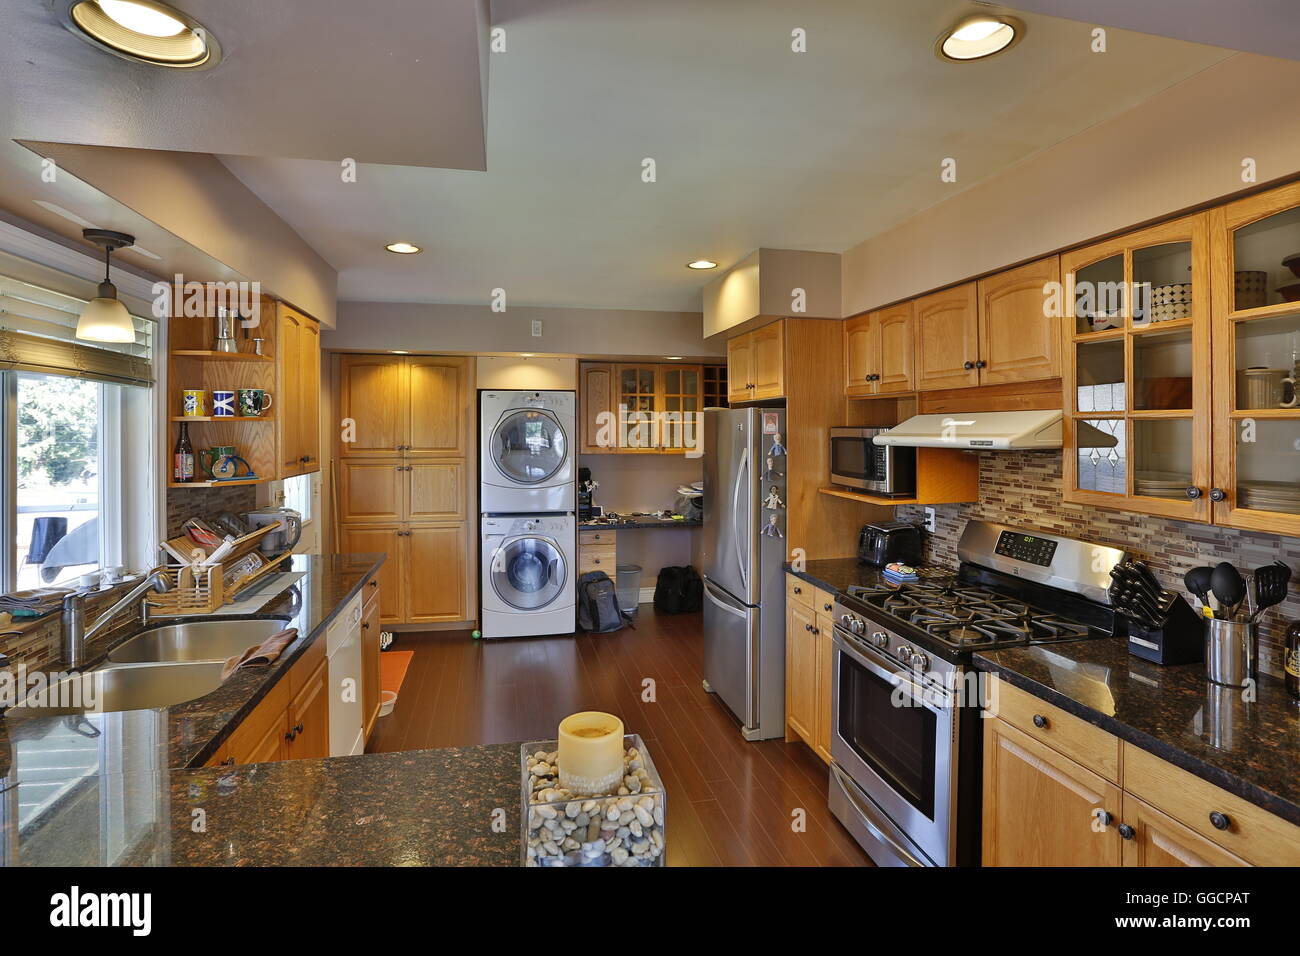 Luxuriöse moderne Küche Innenarchitektur Sanierung Stockfoto, Bild ...